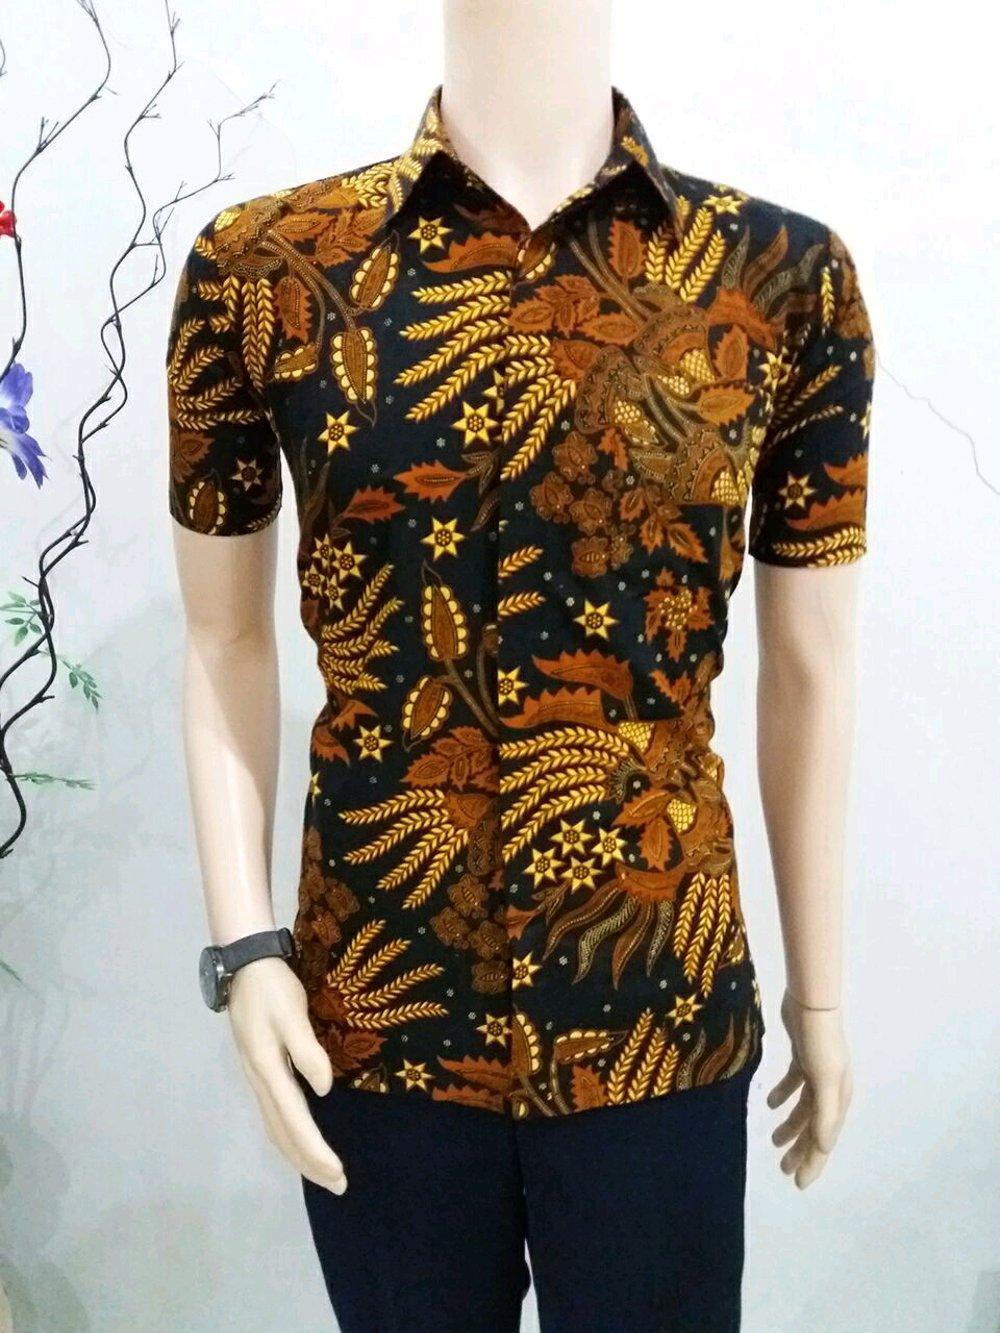 batik pekalongan - baju batik pria - hem batik cwo di lapak Batik APW _ pekalongan anggie_pw